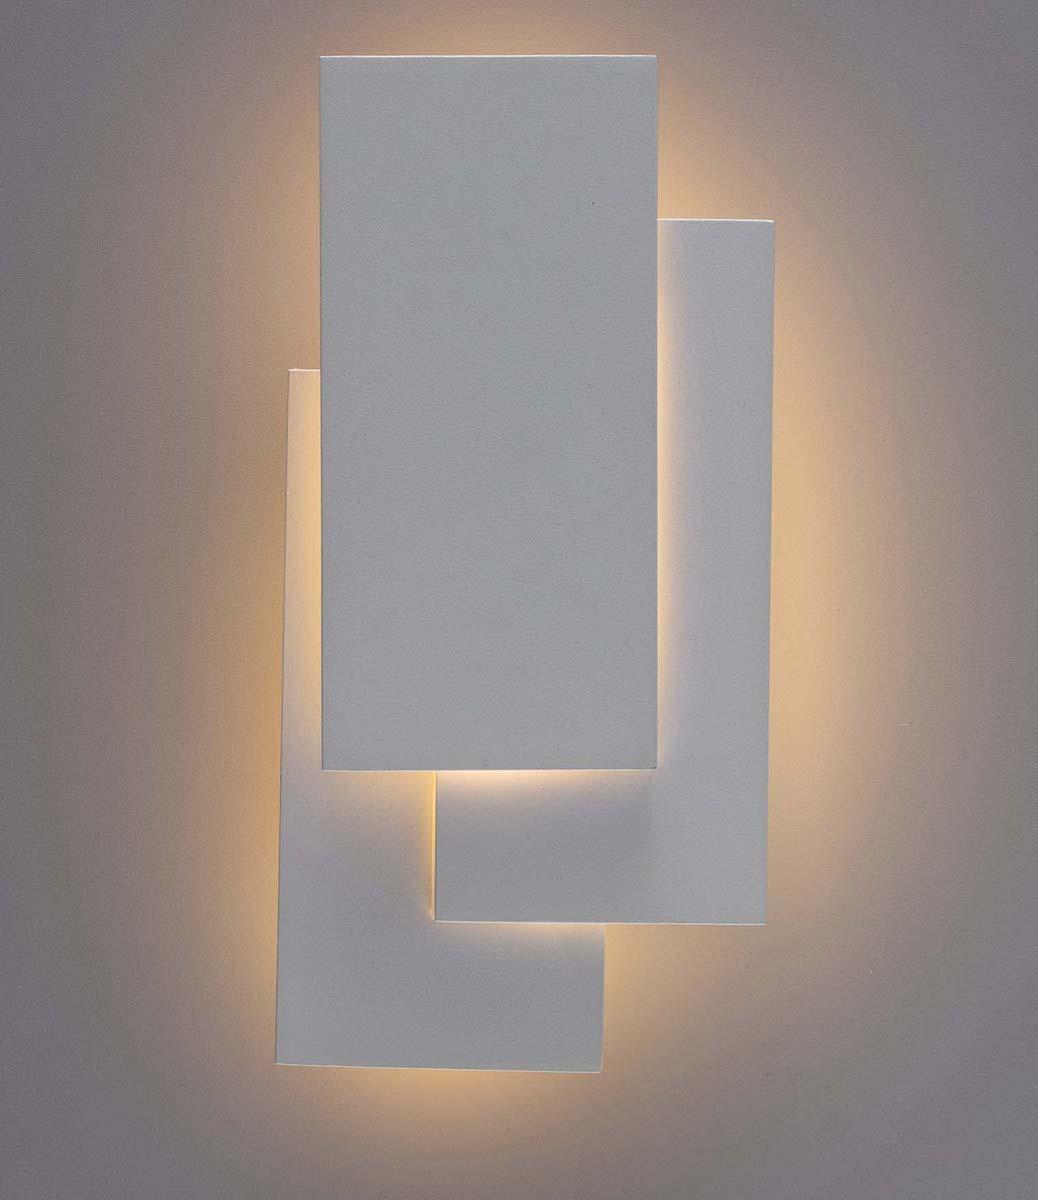 Светильник настенный Arte Lamp Trio, 1 х LED, 18 W. A1718AP-1WHA1718AP-1WH